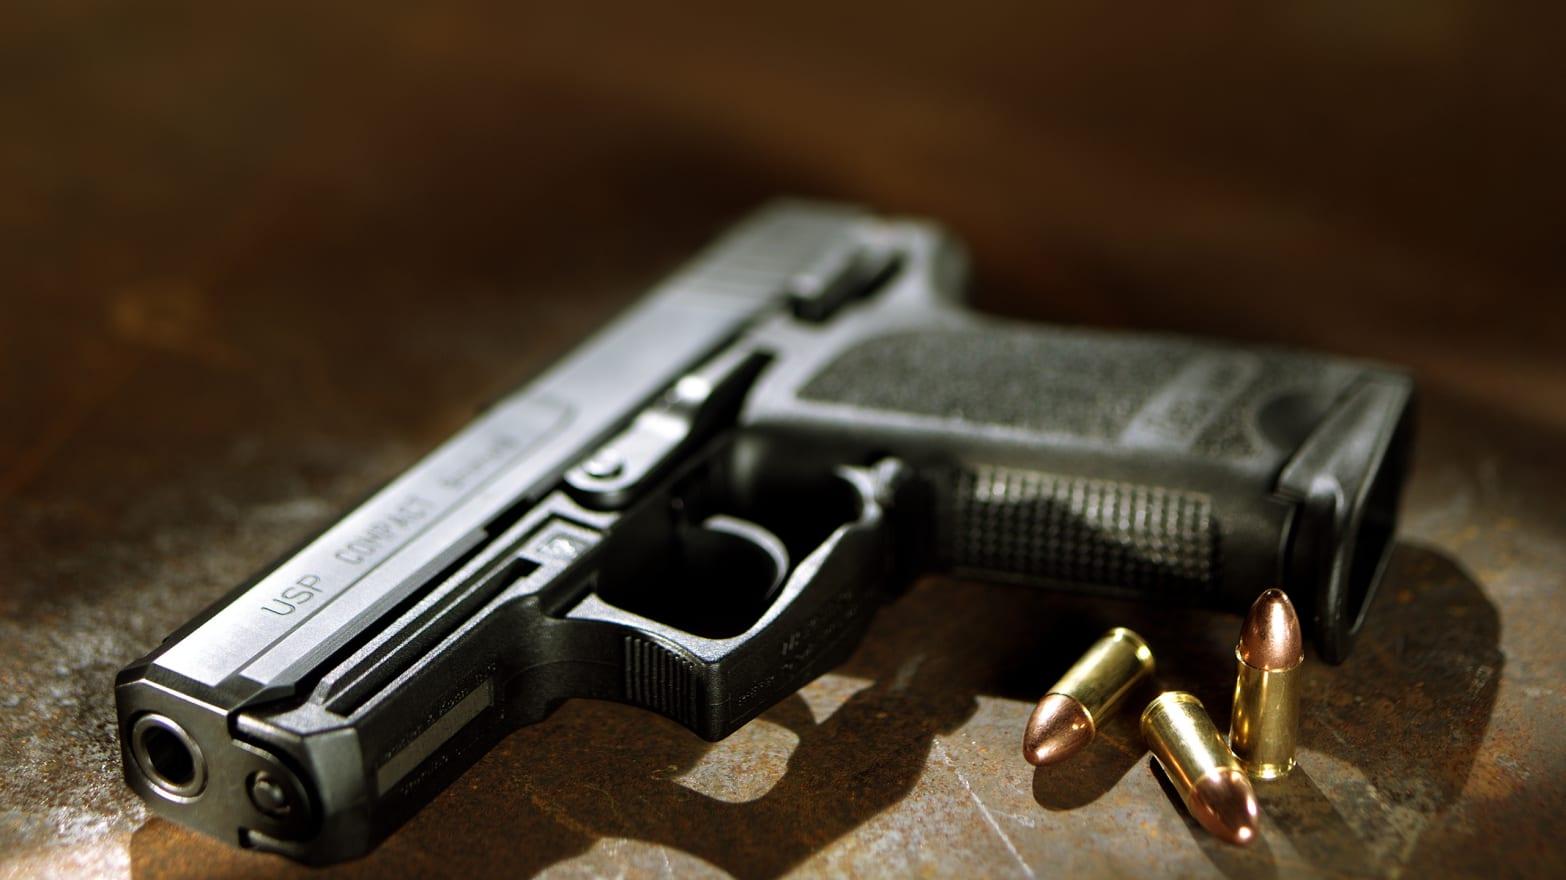 Armslist Lawsuit Seeks To Punish Online Gun Seller Narrow Loophoole